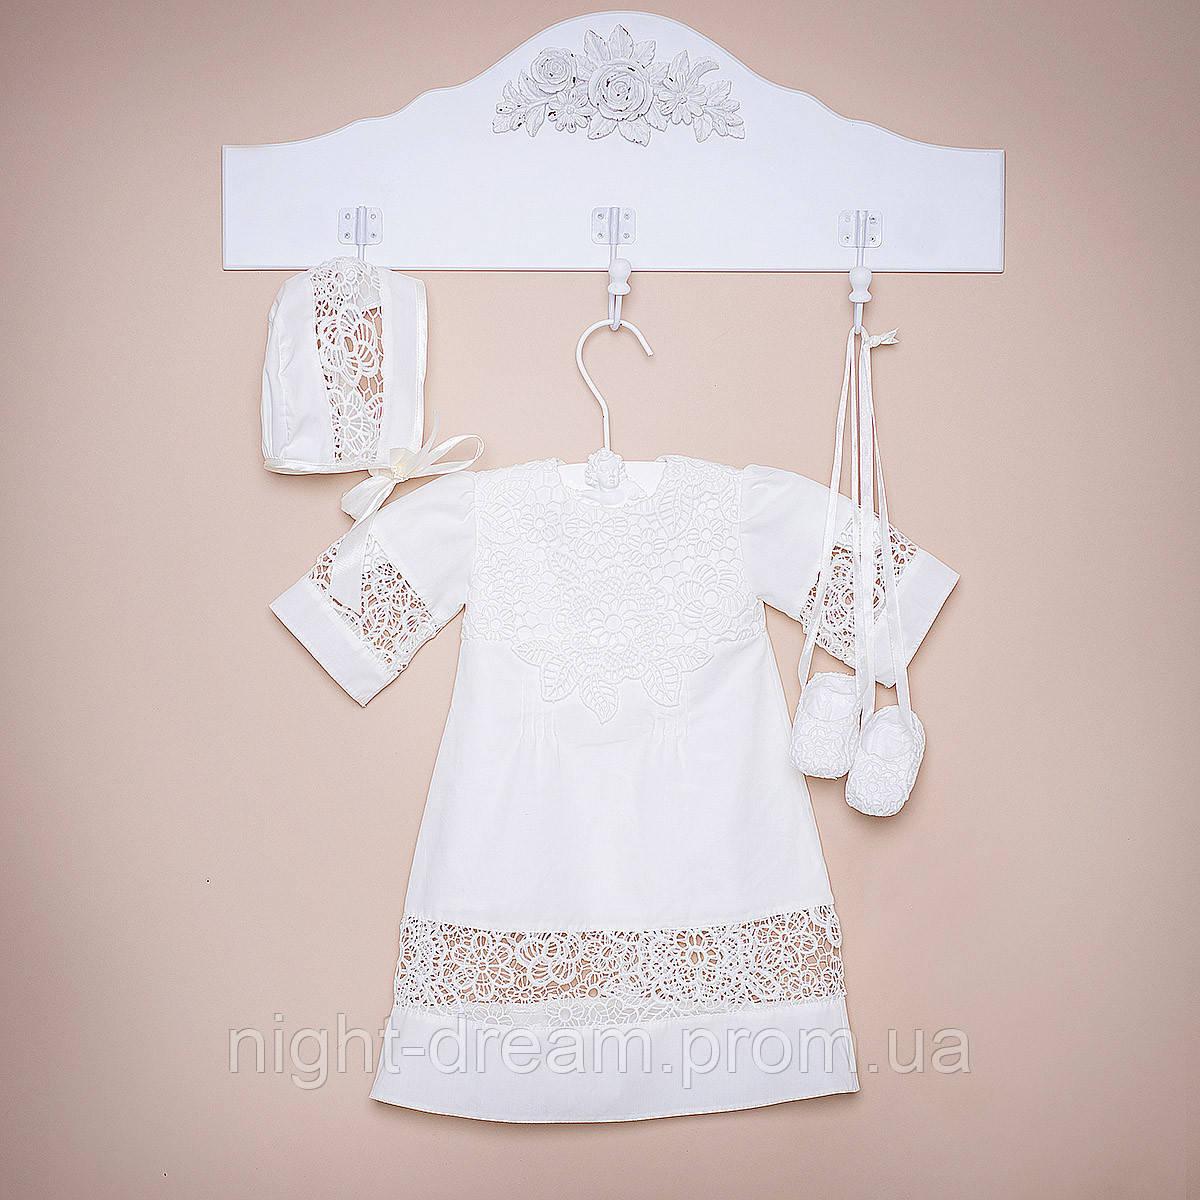 Крестильная рубашка Глаша (Глафира) от Miminobaby молочная от 12 до 18 месяцев